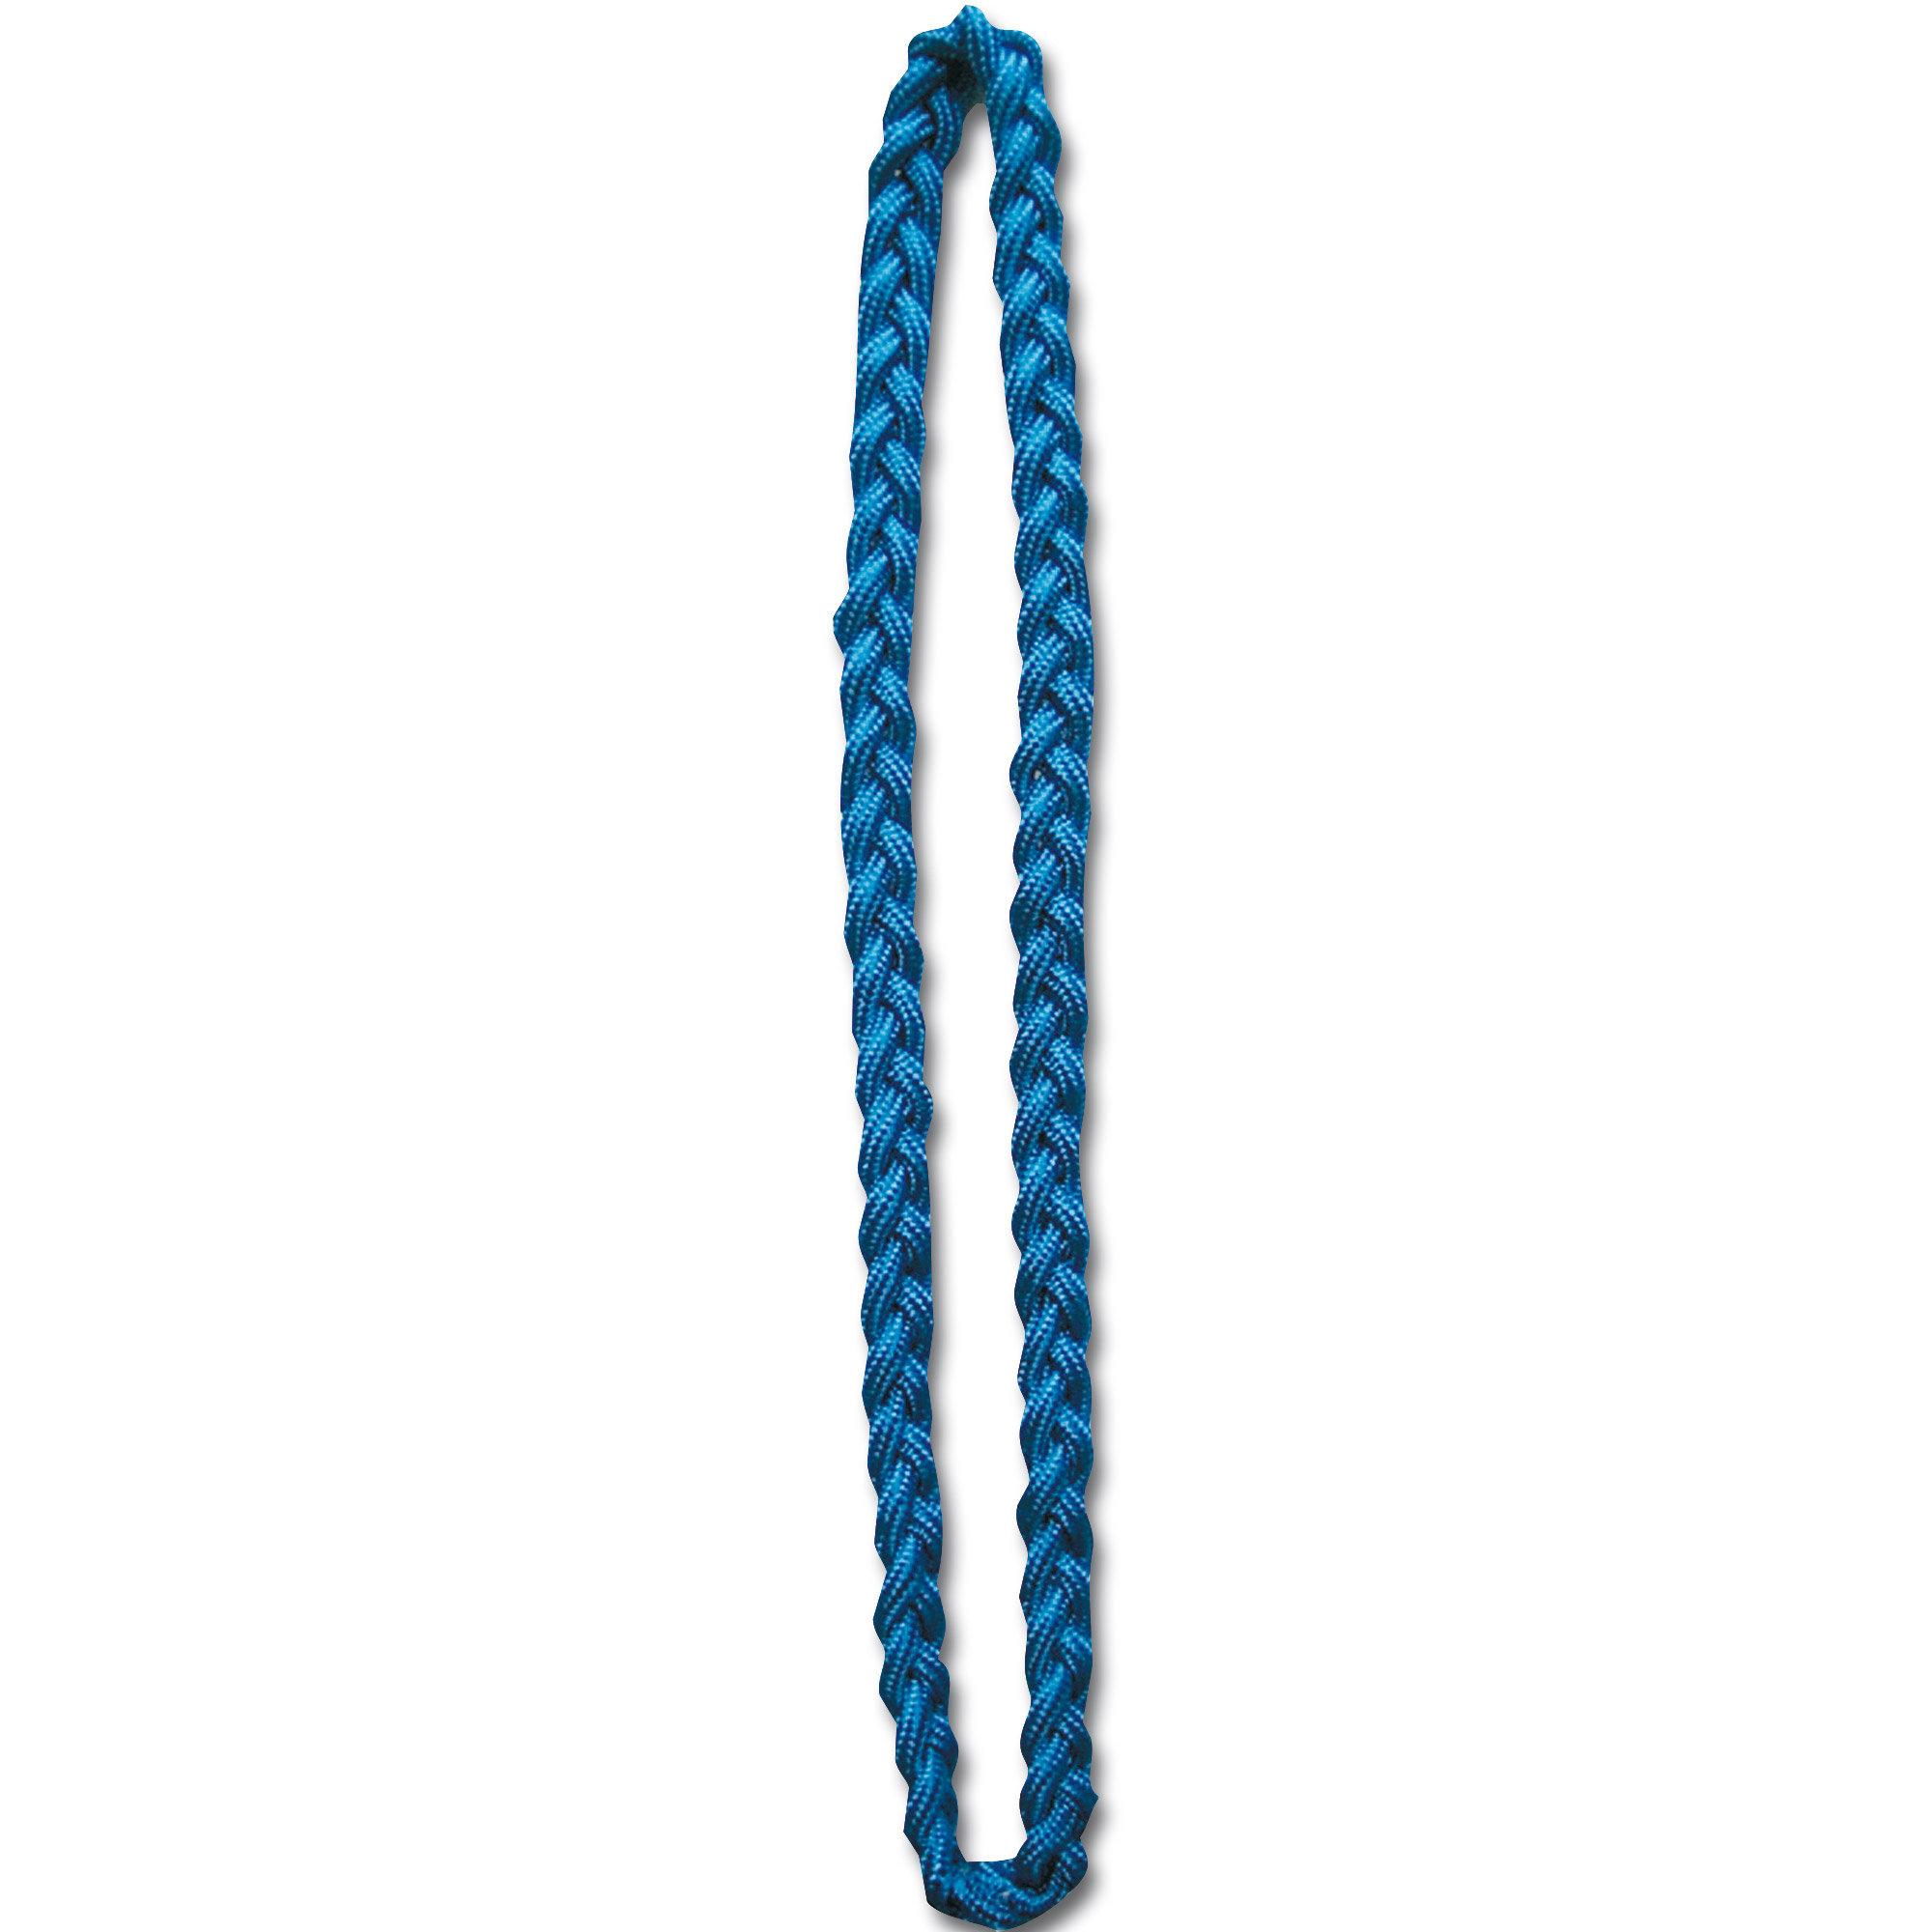 BW Schulterschnur blau